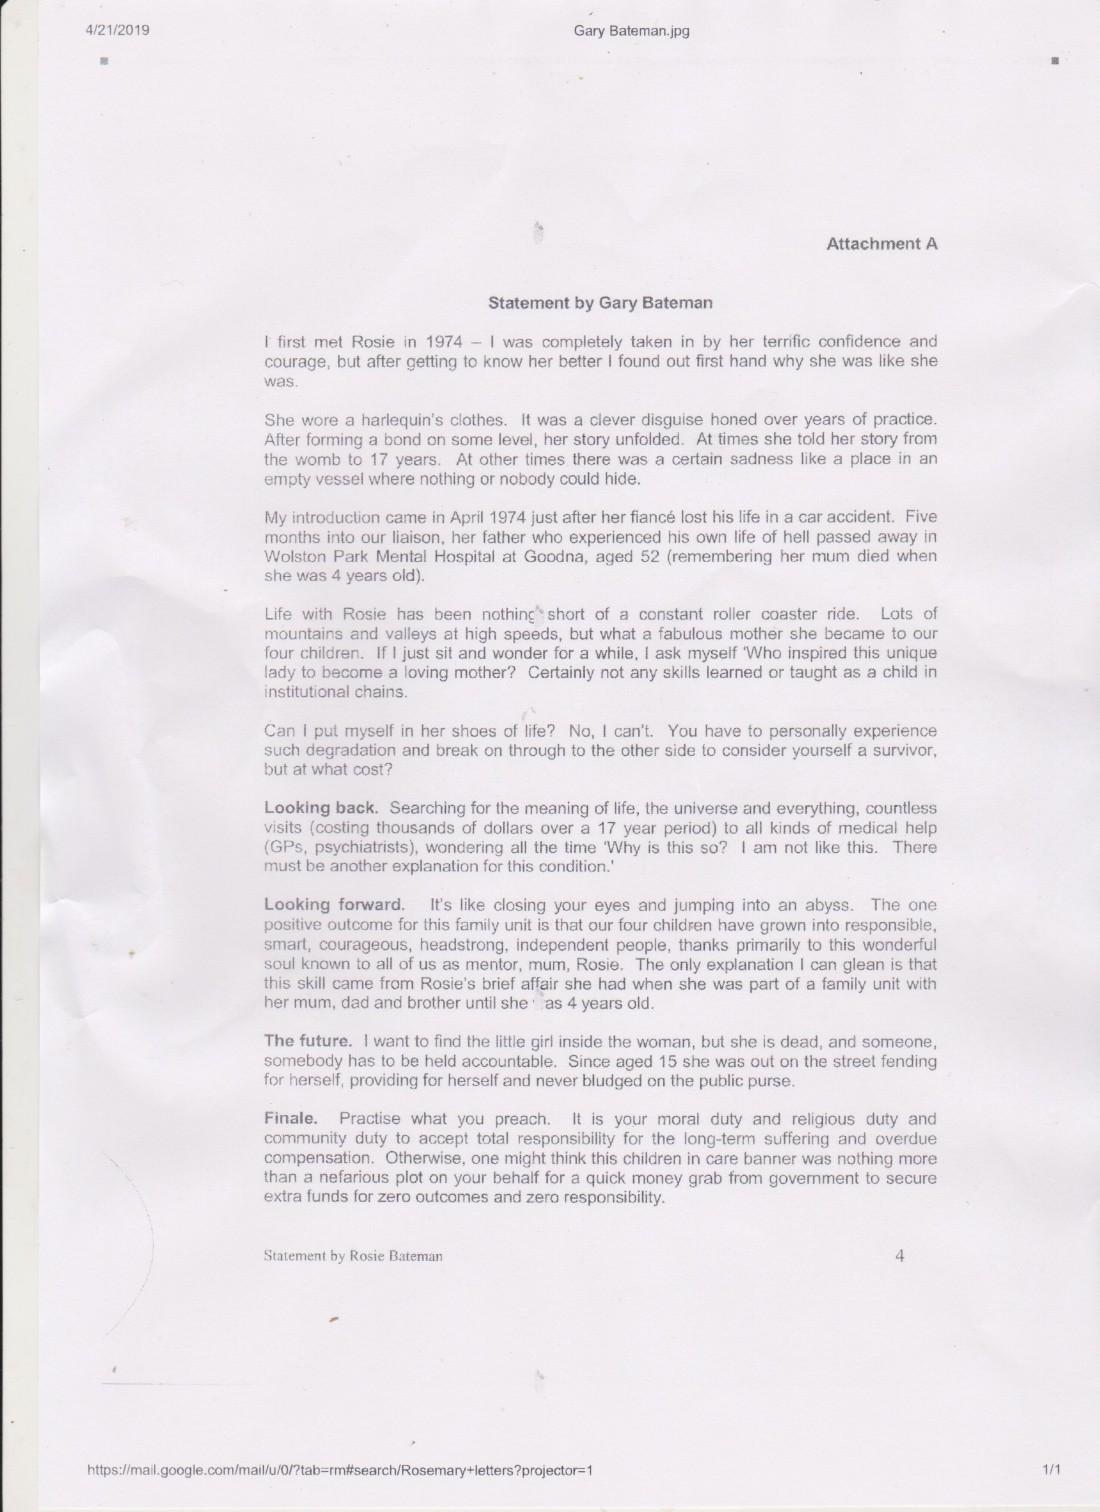 Gary Bateman statement